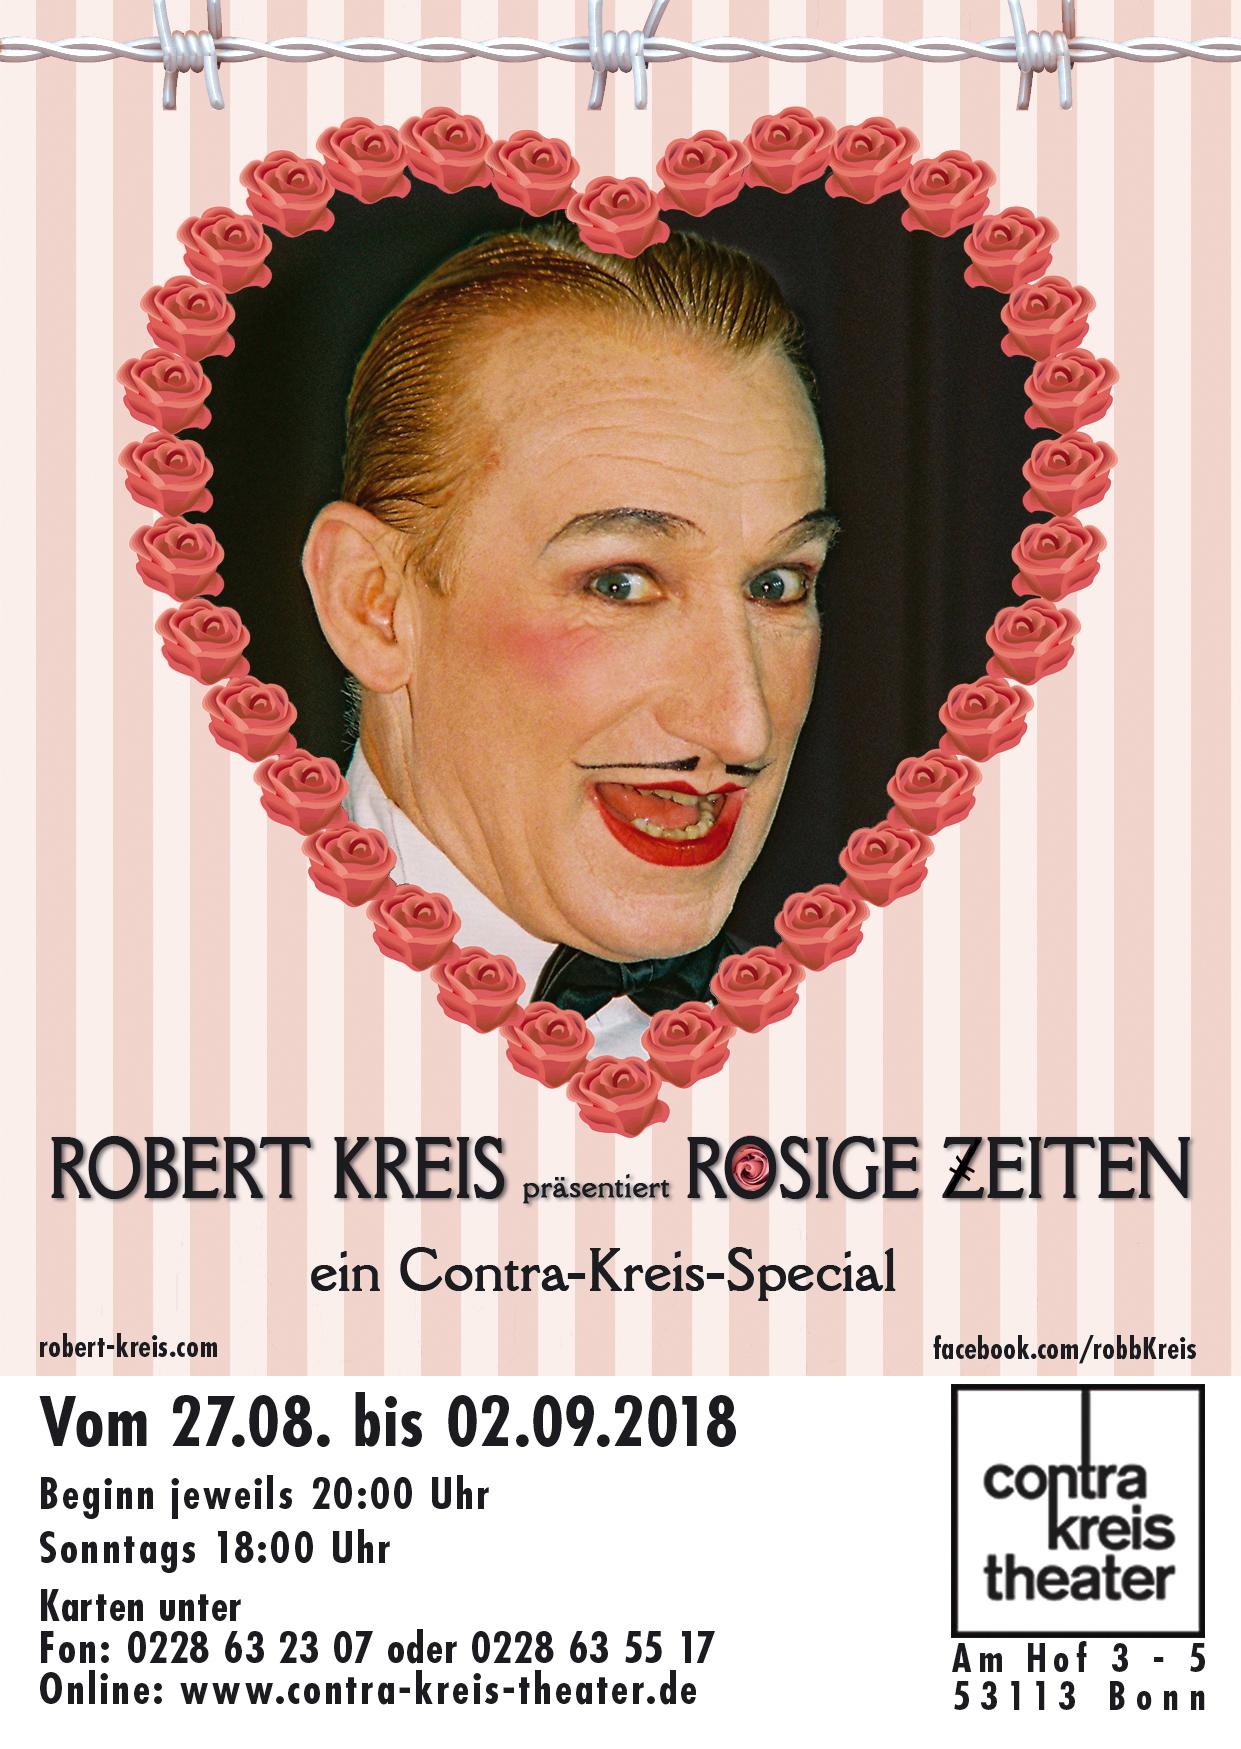 Robert Kreis: Rosige Zeiten Ein Contra-Kreis-Special